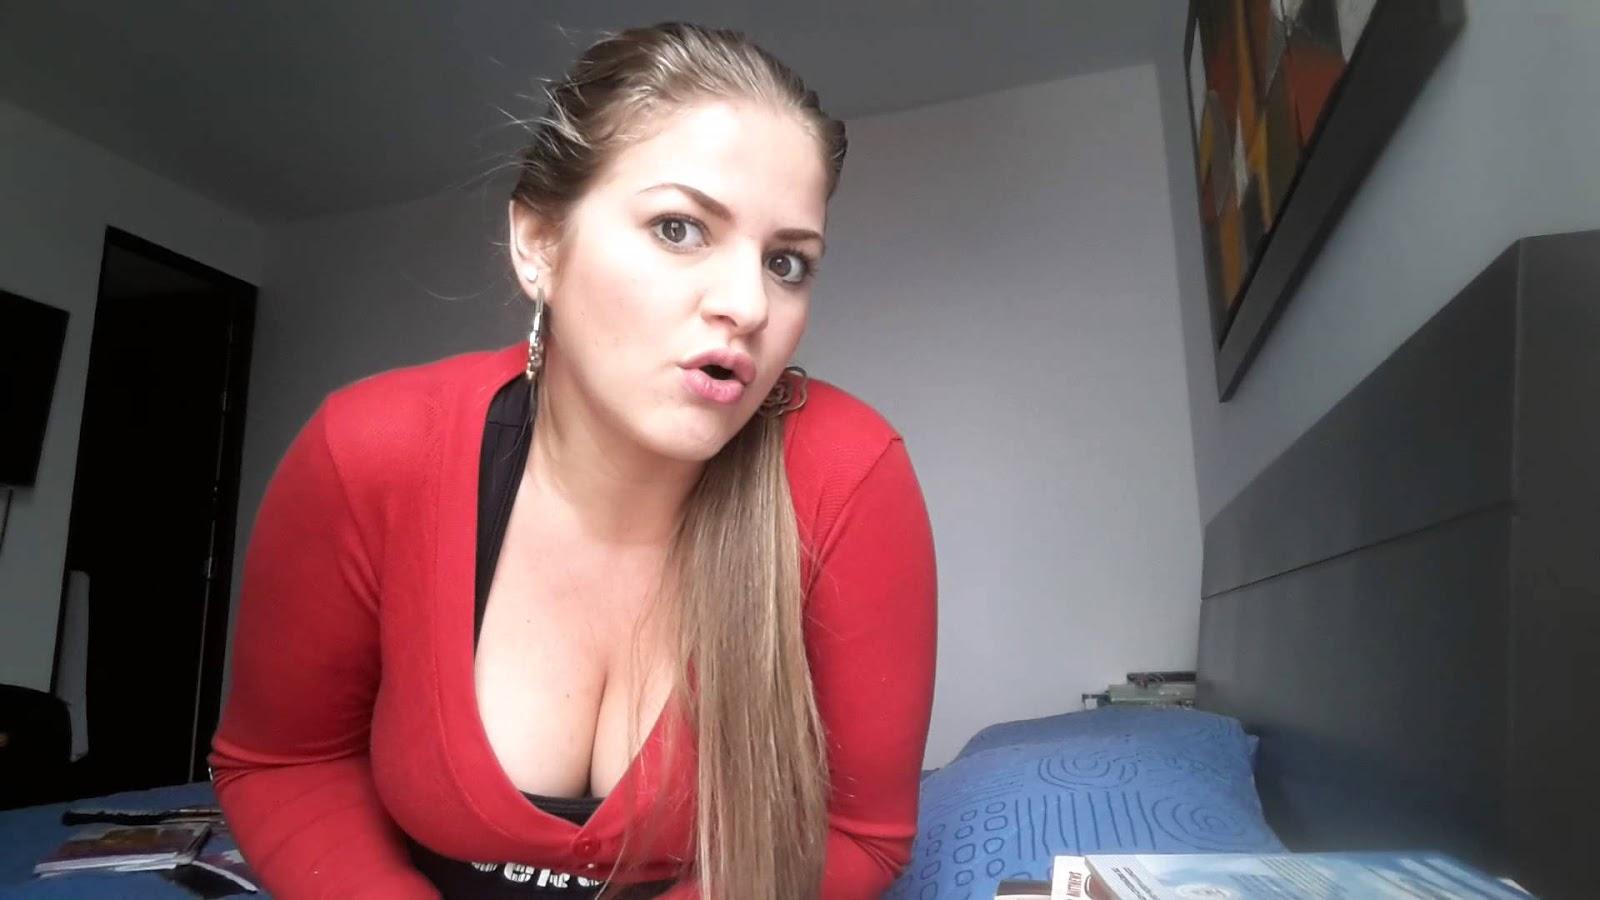 Canadl De Videos Porno el internauta errante: canal youtube sugerido: tupuntosex